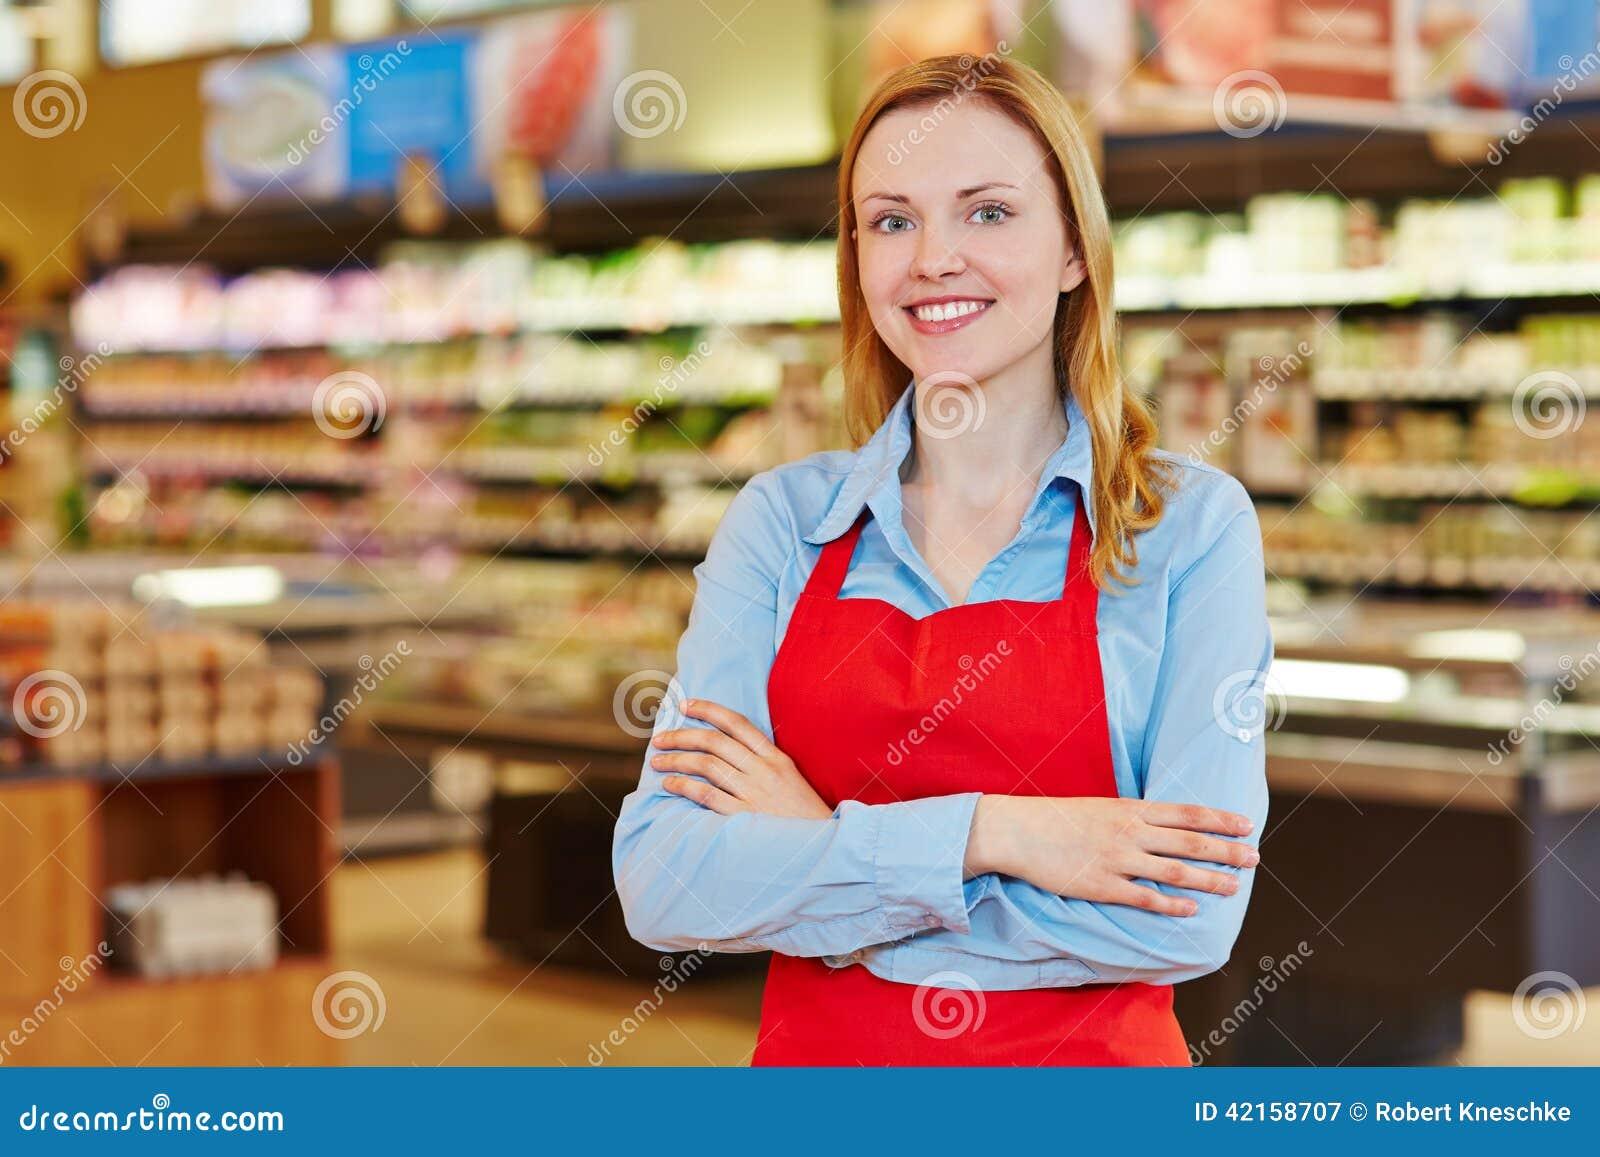 有红色围裙的年轻愉快的女推销员在超级市场.图片